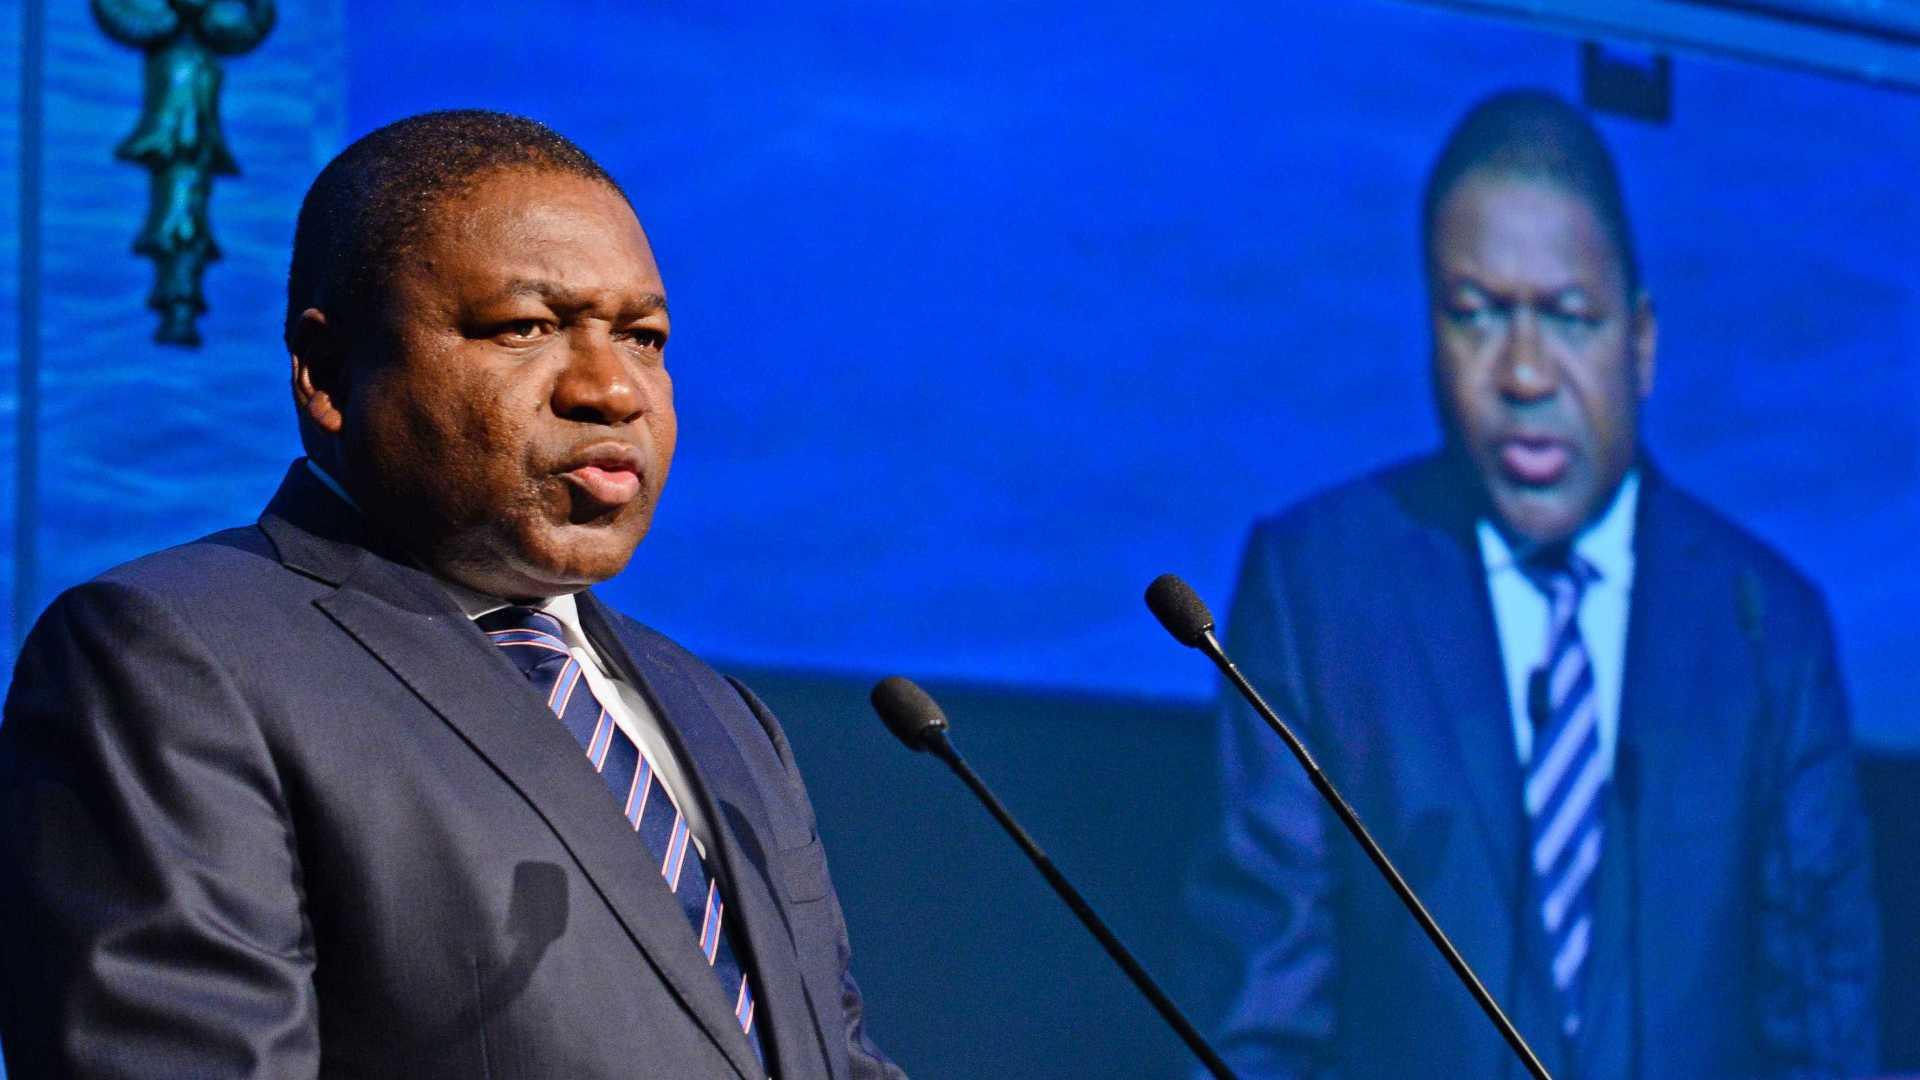 filipe nyusi nomeia novos líderes das forças armadas e da polícia do país - Nyiusi - Filipe Nyusi nomeia novos líderes das forças armadas e da polícia do país